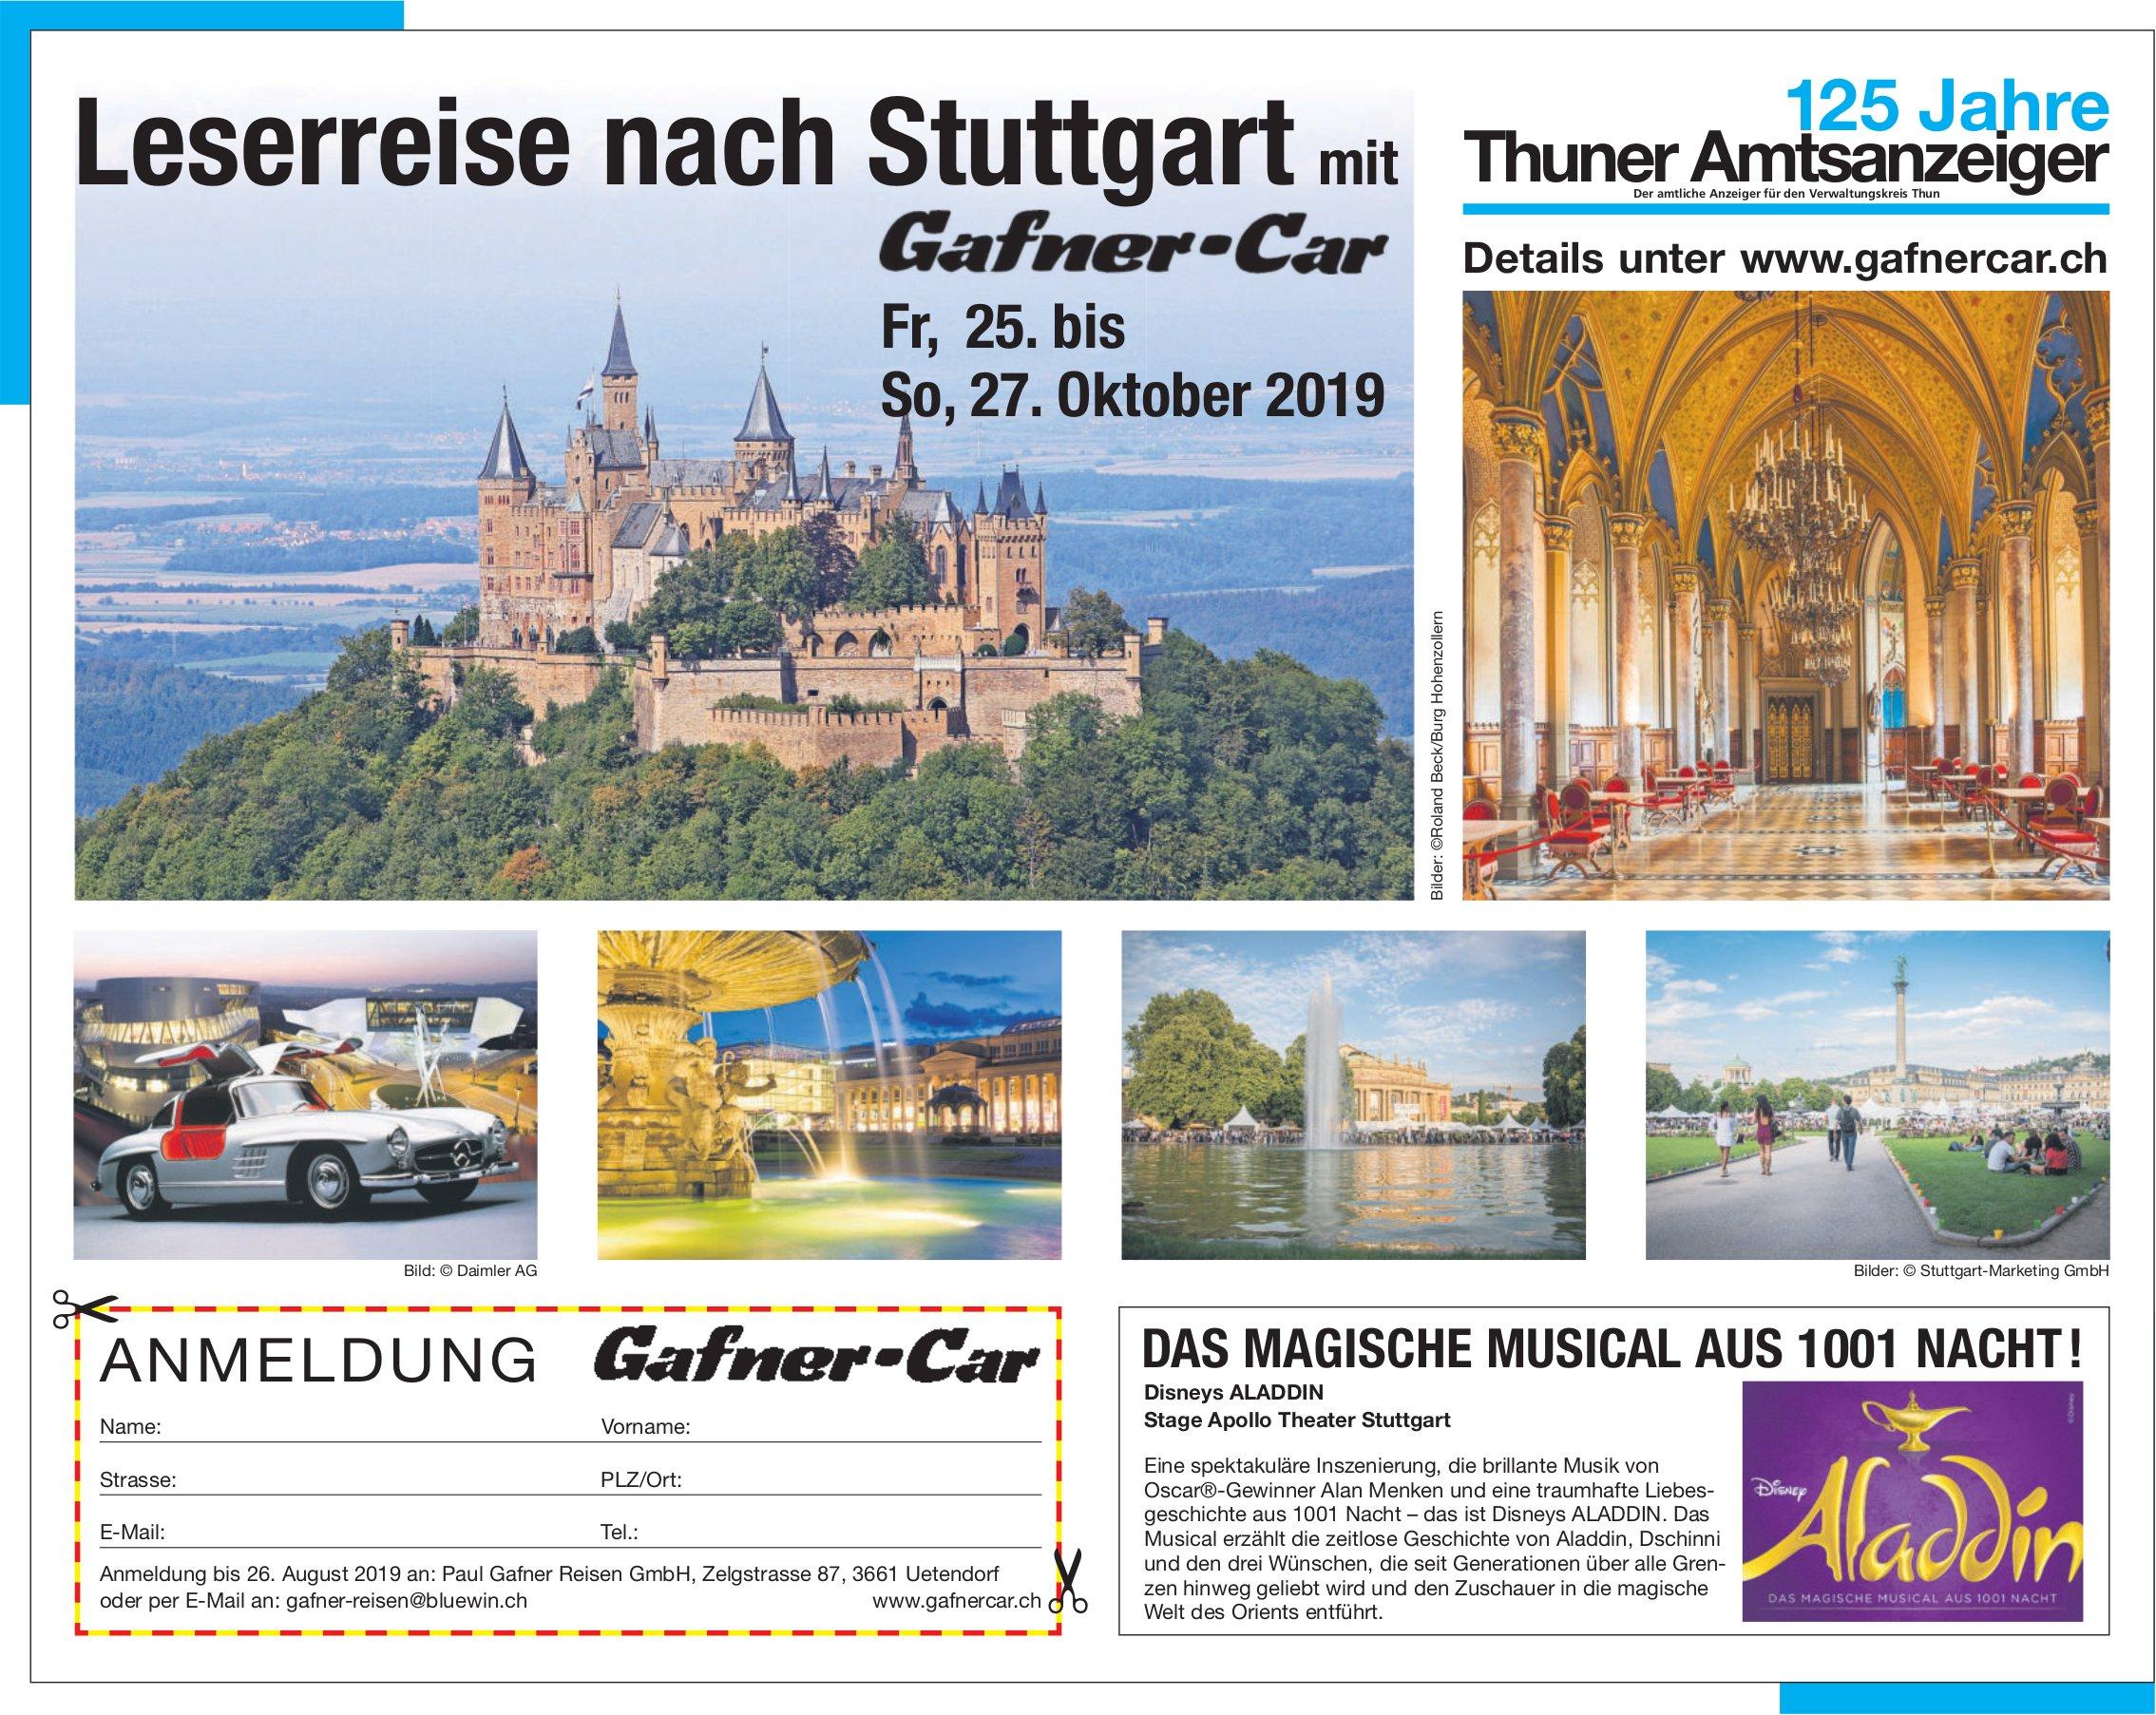 125 Jahre Thuner Amtsanzeiger - Leserreise nach Stuttgart mit Gafner-Car, 25.-27. Oktober